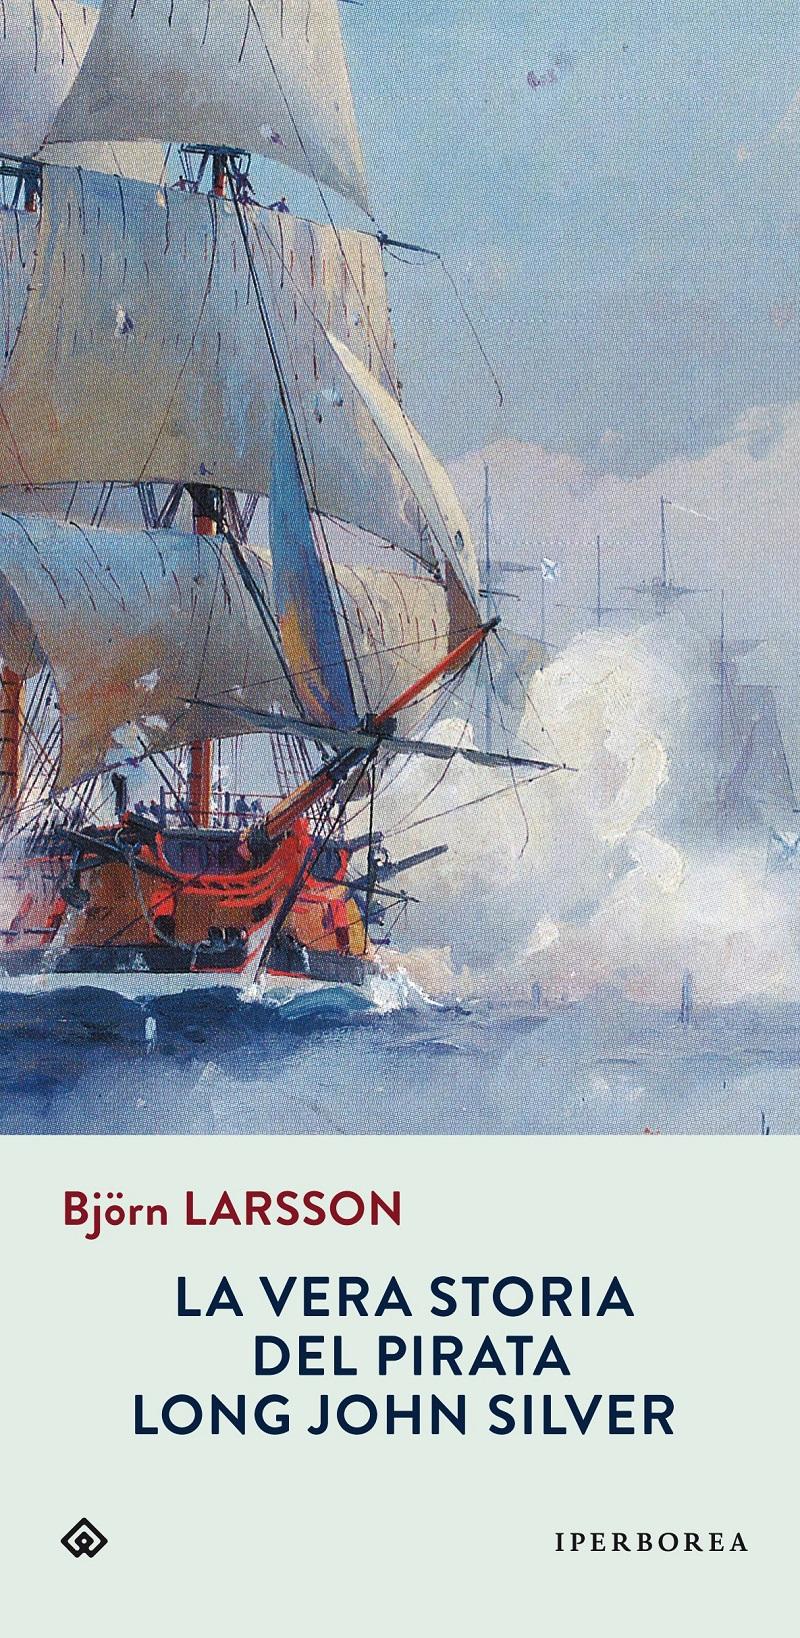 Bjorn-Larsson-La-vera-storia-del-pirata-Long-John-Silver